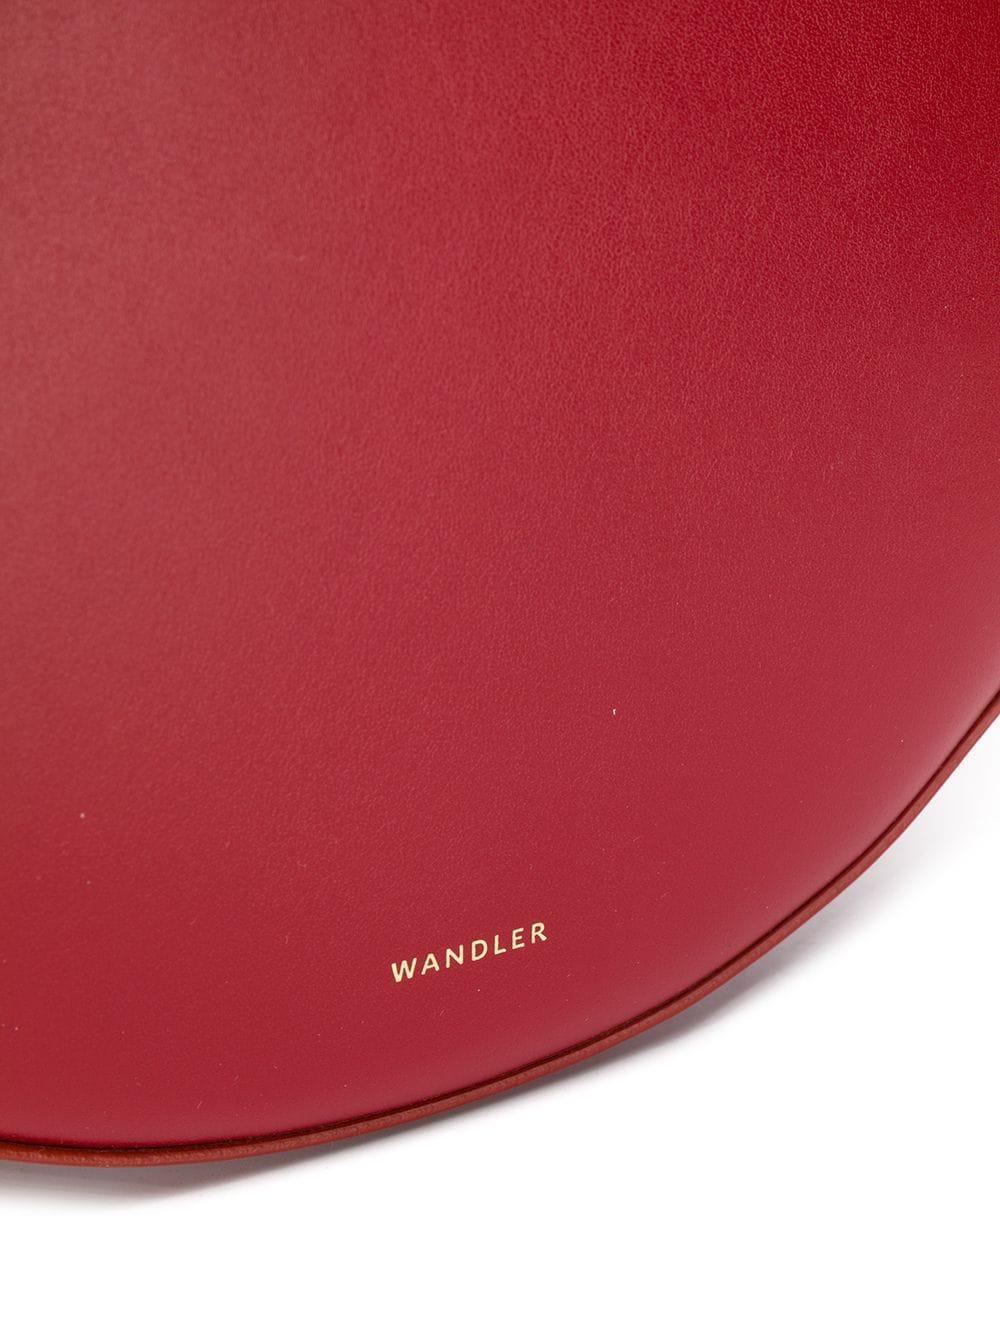 97b81b72b0 Wandler - Red Hortensia Medium Tote Bag - Lyst. View fullscreen